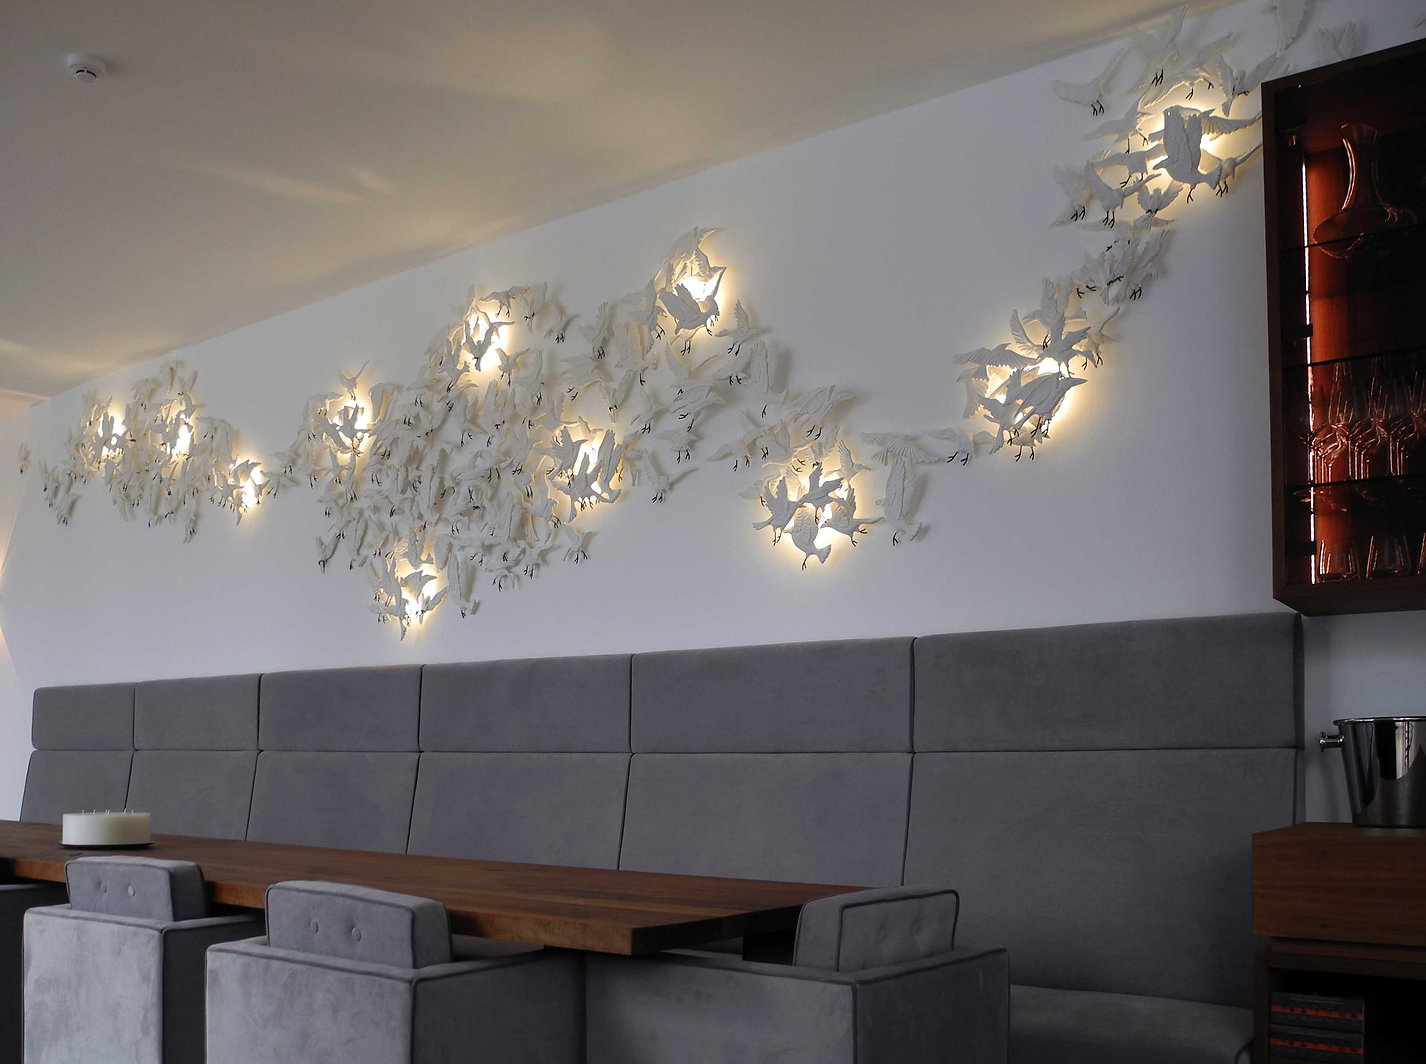 Wandgestaltung Licht.jpg